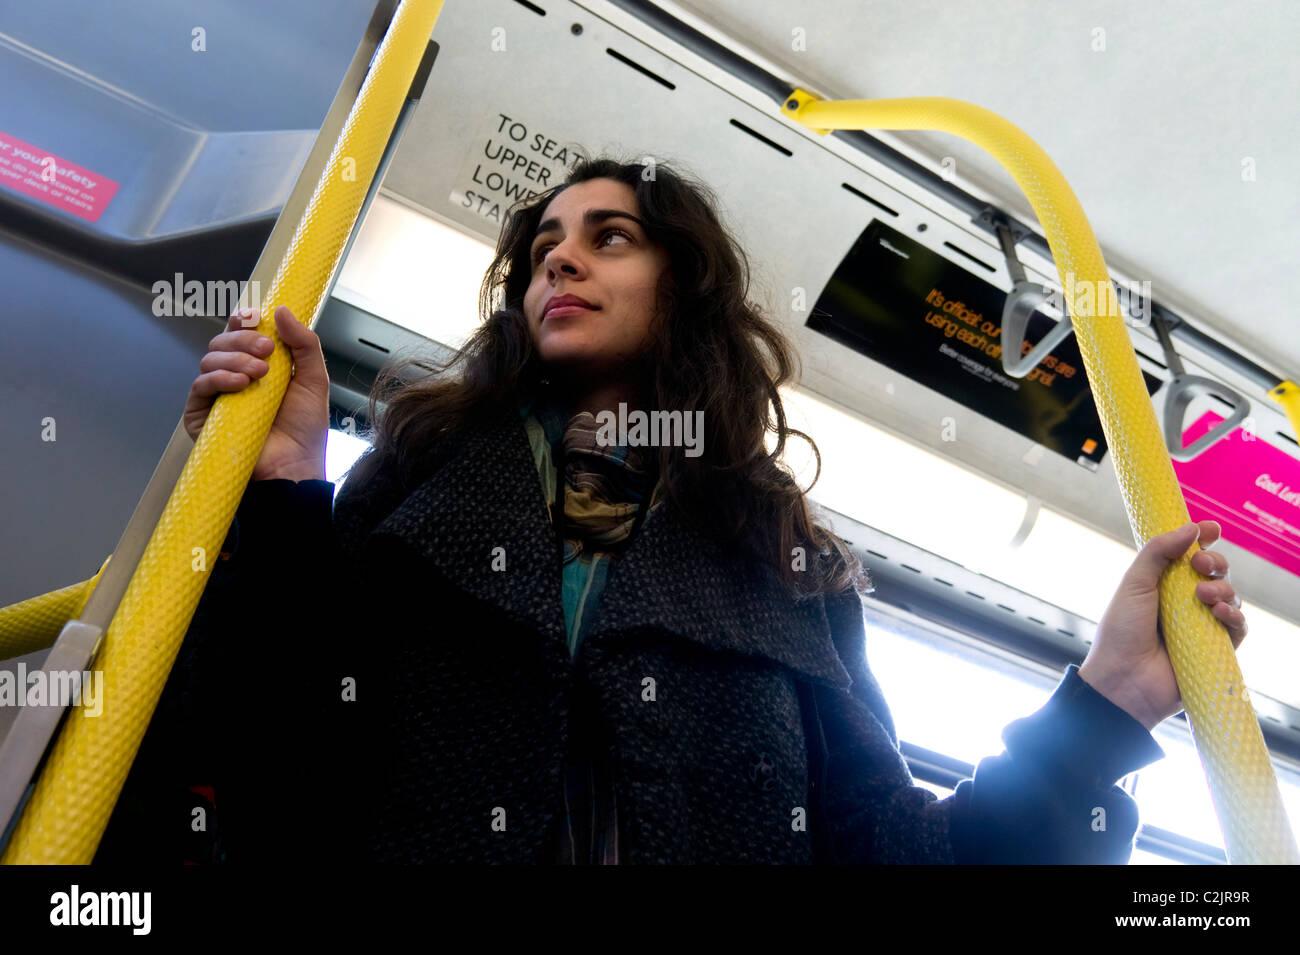 Ángulo de visión baja de joven viajaba en un bus de Londres Imagen De Stock